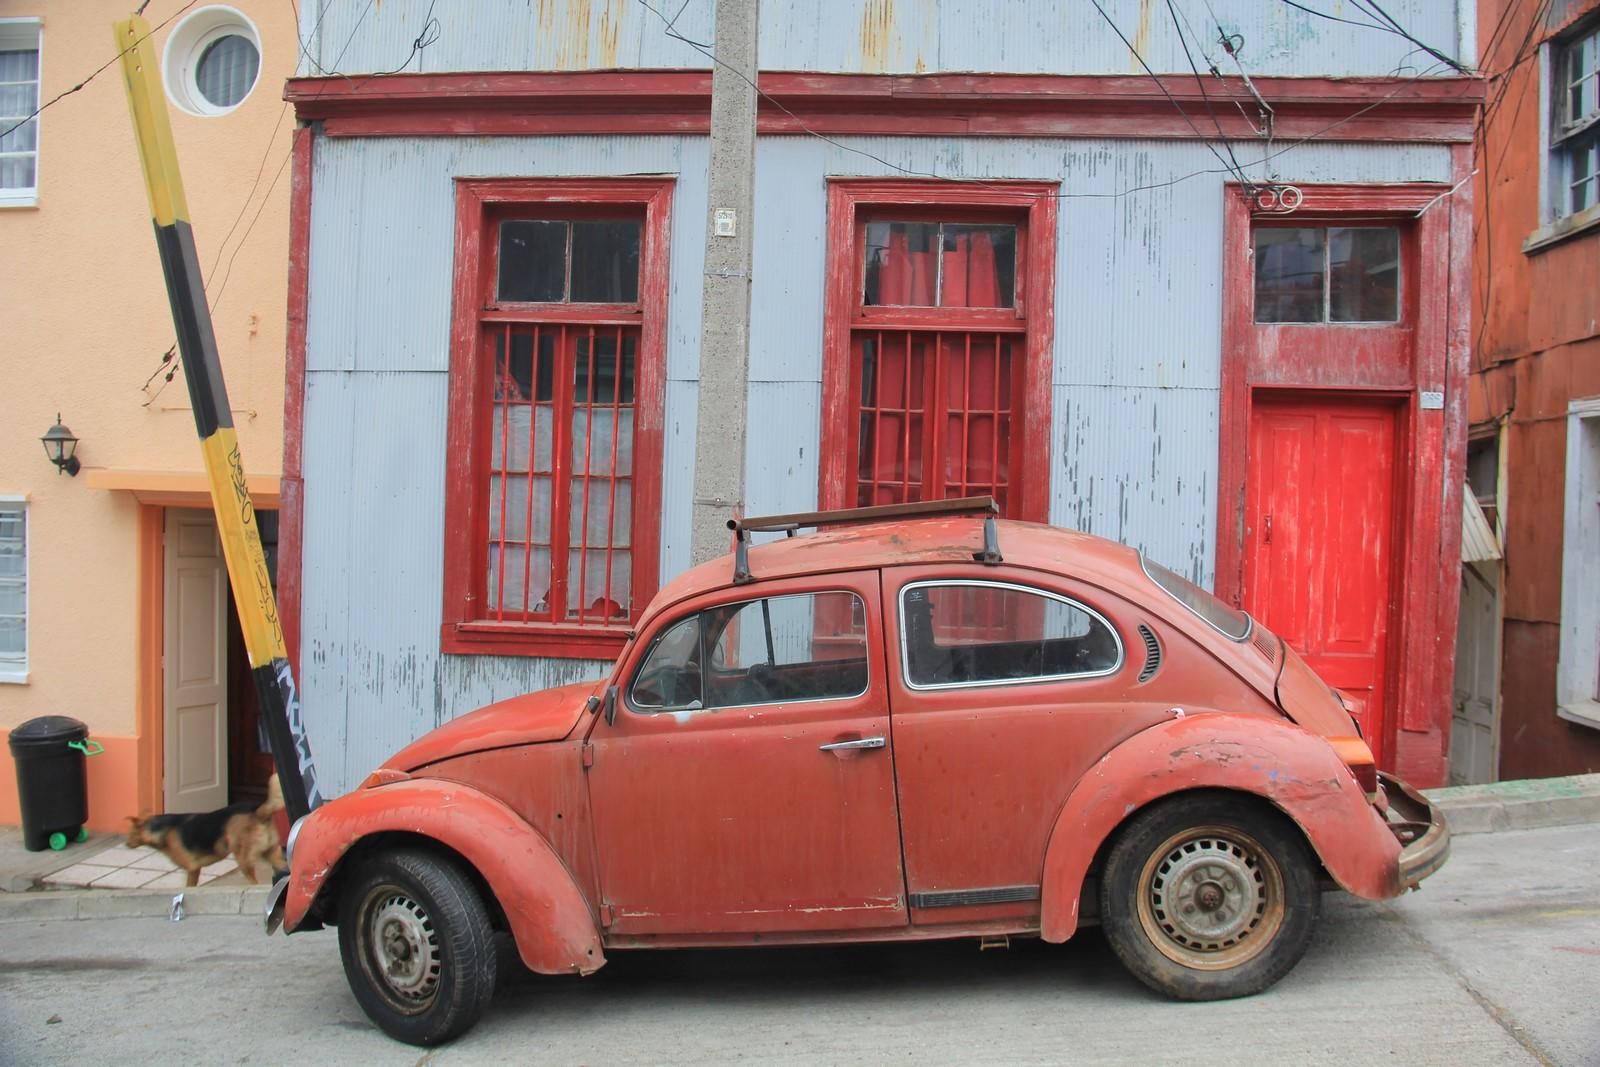 Jour 232 et 233 : Valparaiso, une ville colorée et perchée sur les collines…